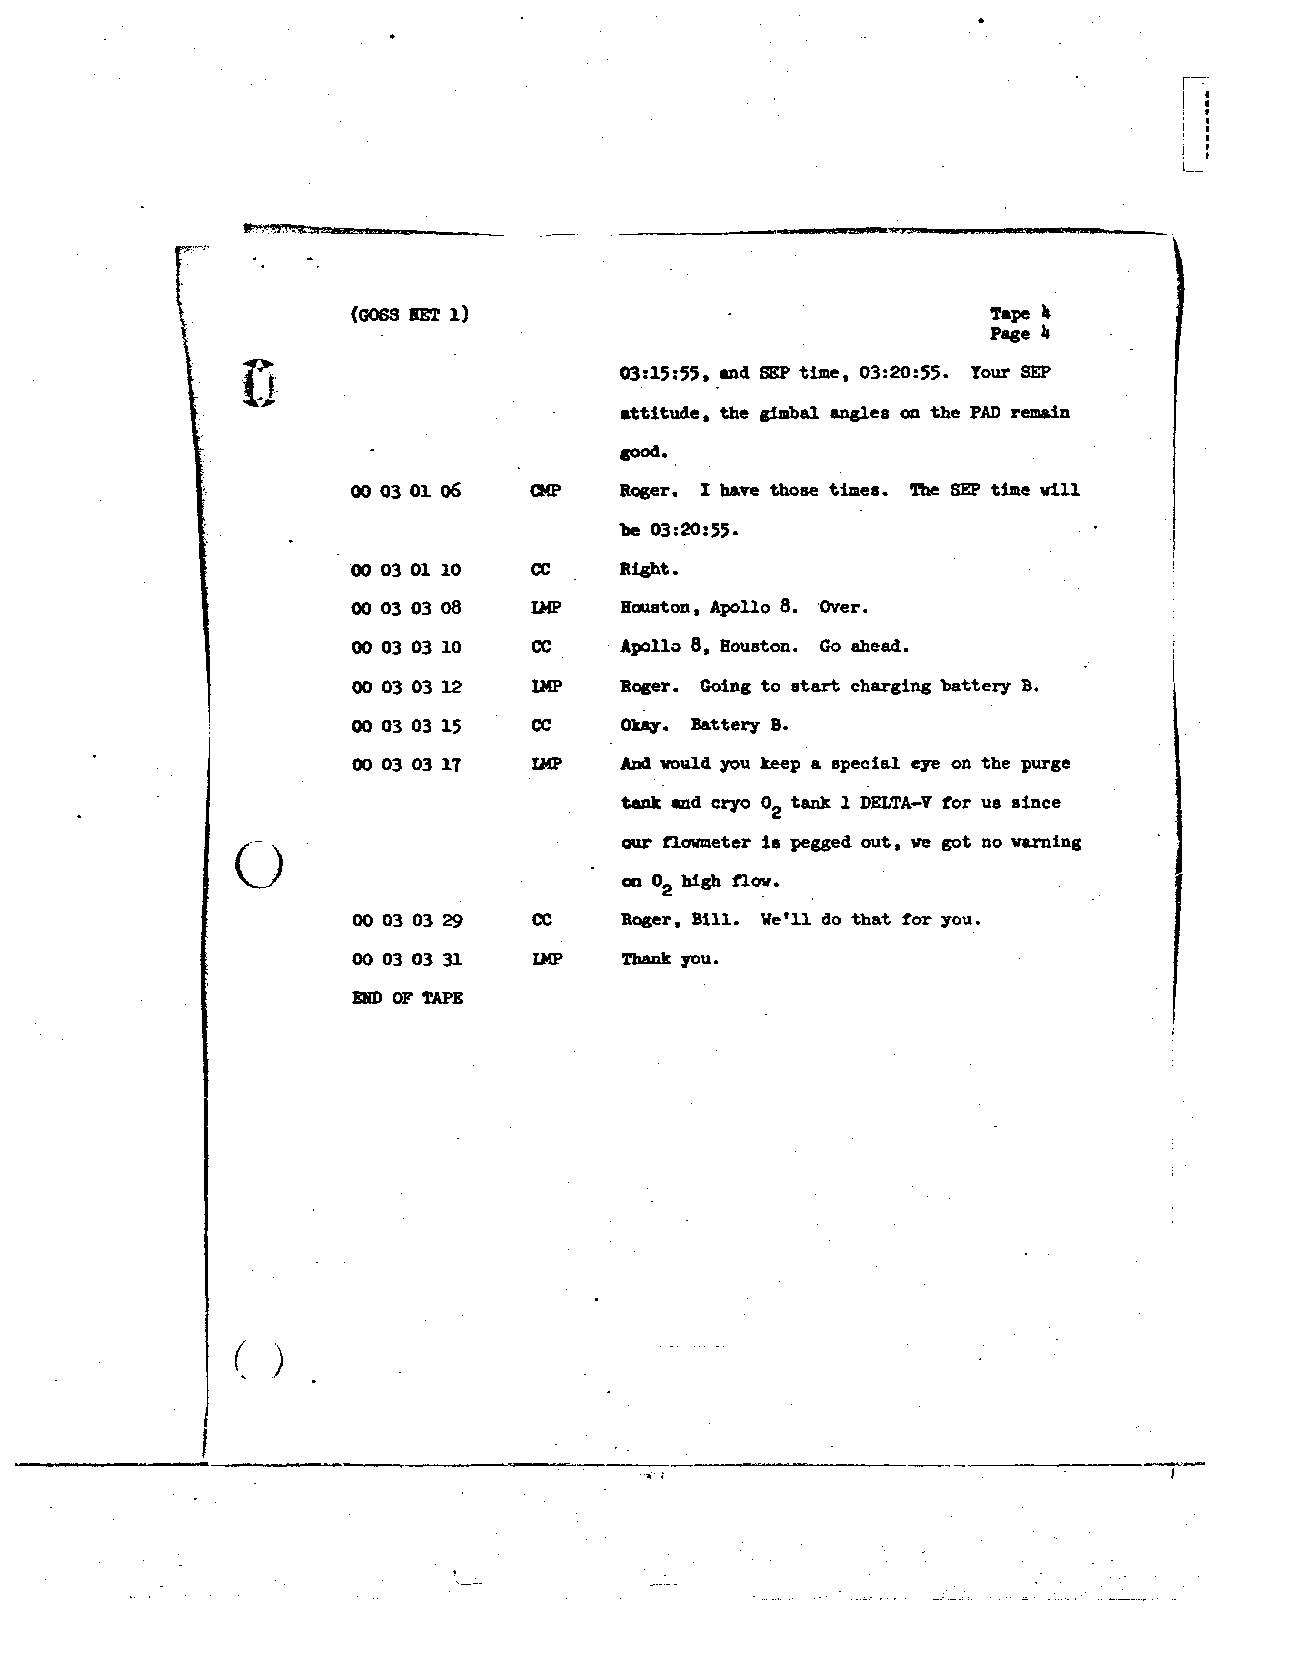 Page 25 of Apollo 8's original transcript